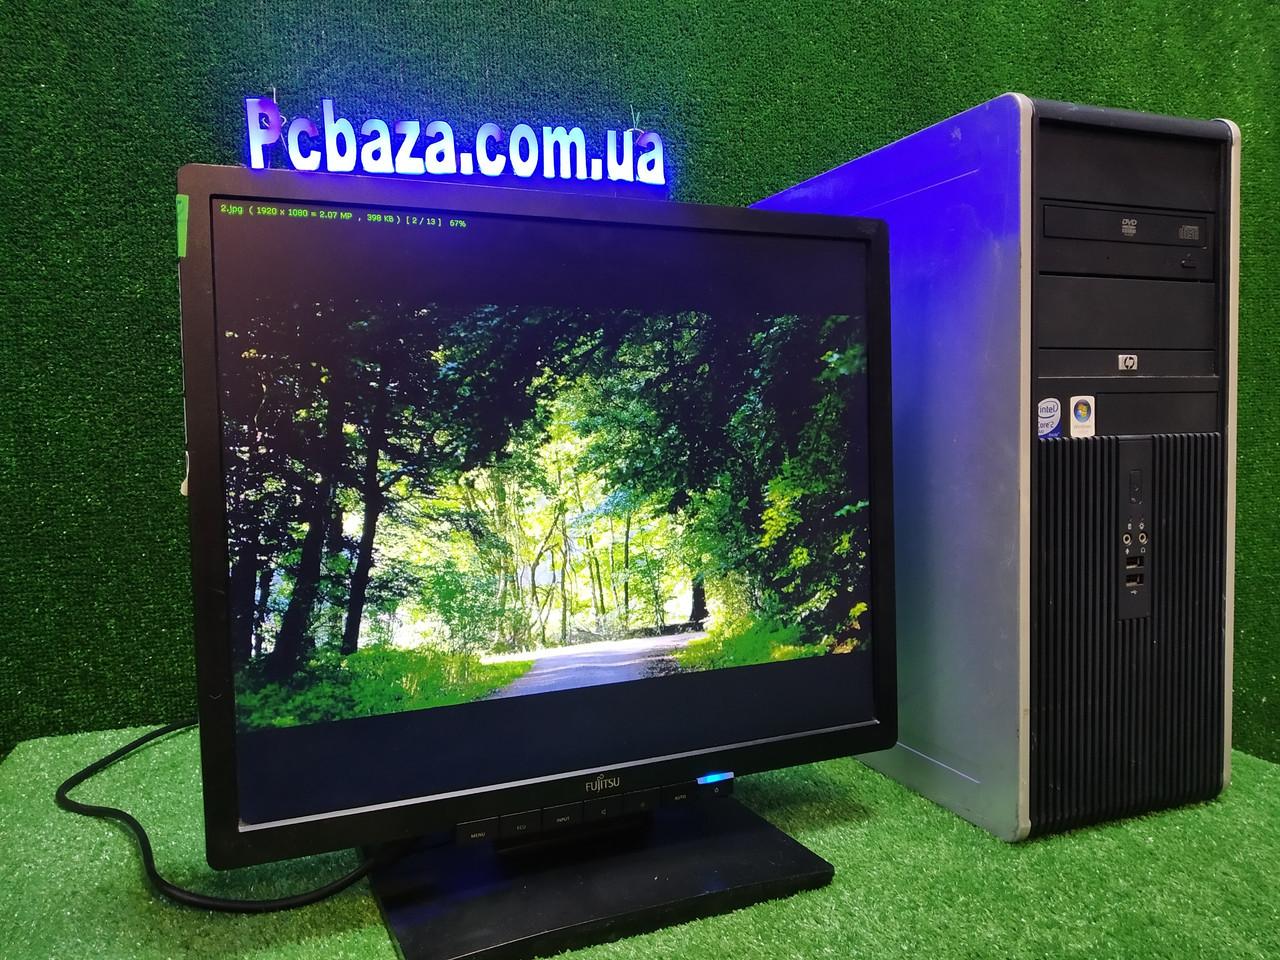 """ПК HP + мон 19"""" LED, Intel 4 ядра, 4 ГБ, 160 ГБ Настроен! Есть Опт! Гарантия!"""